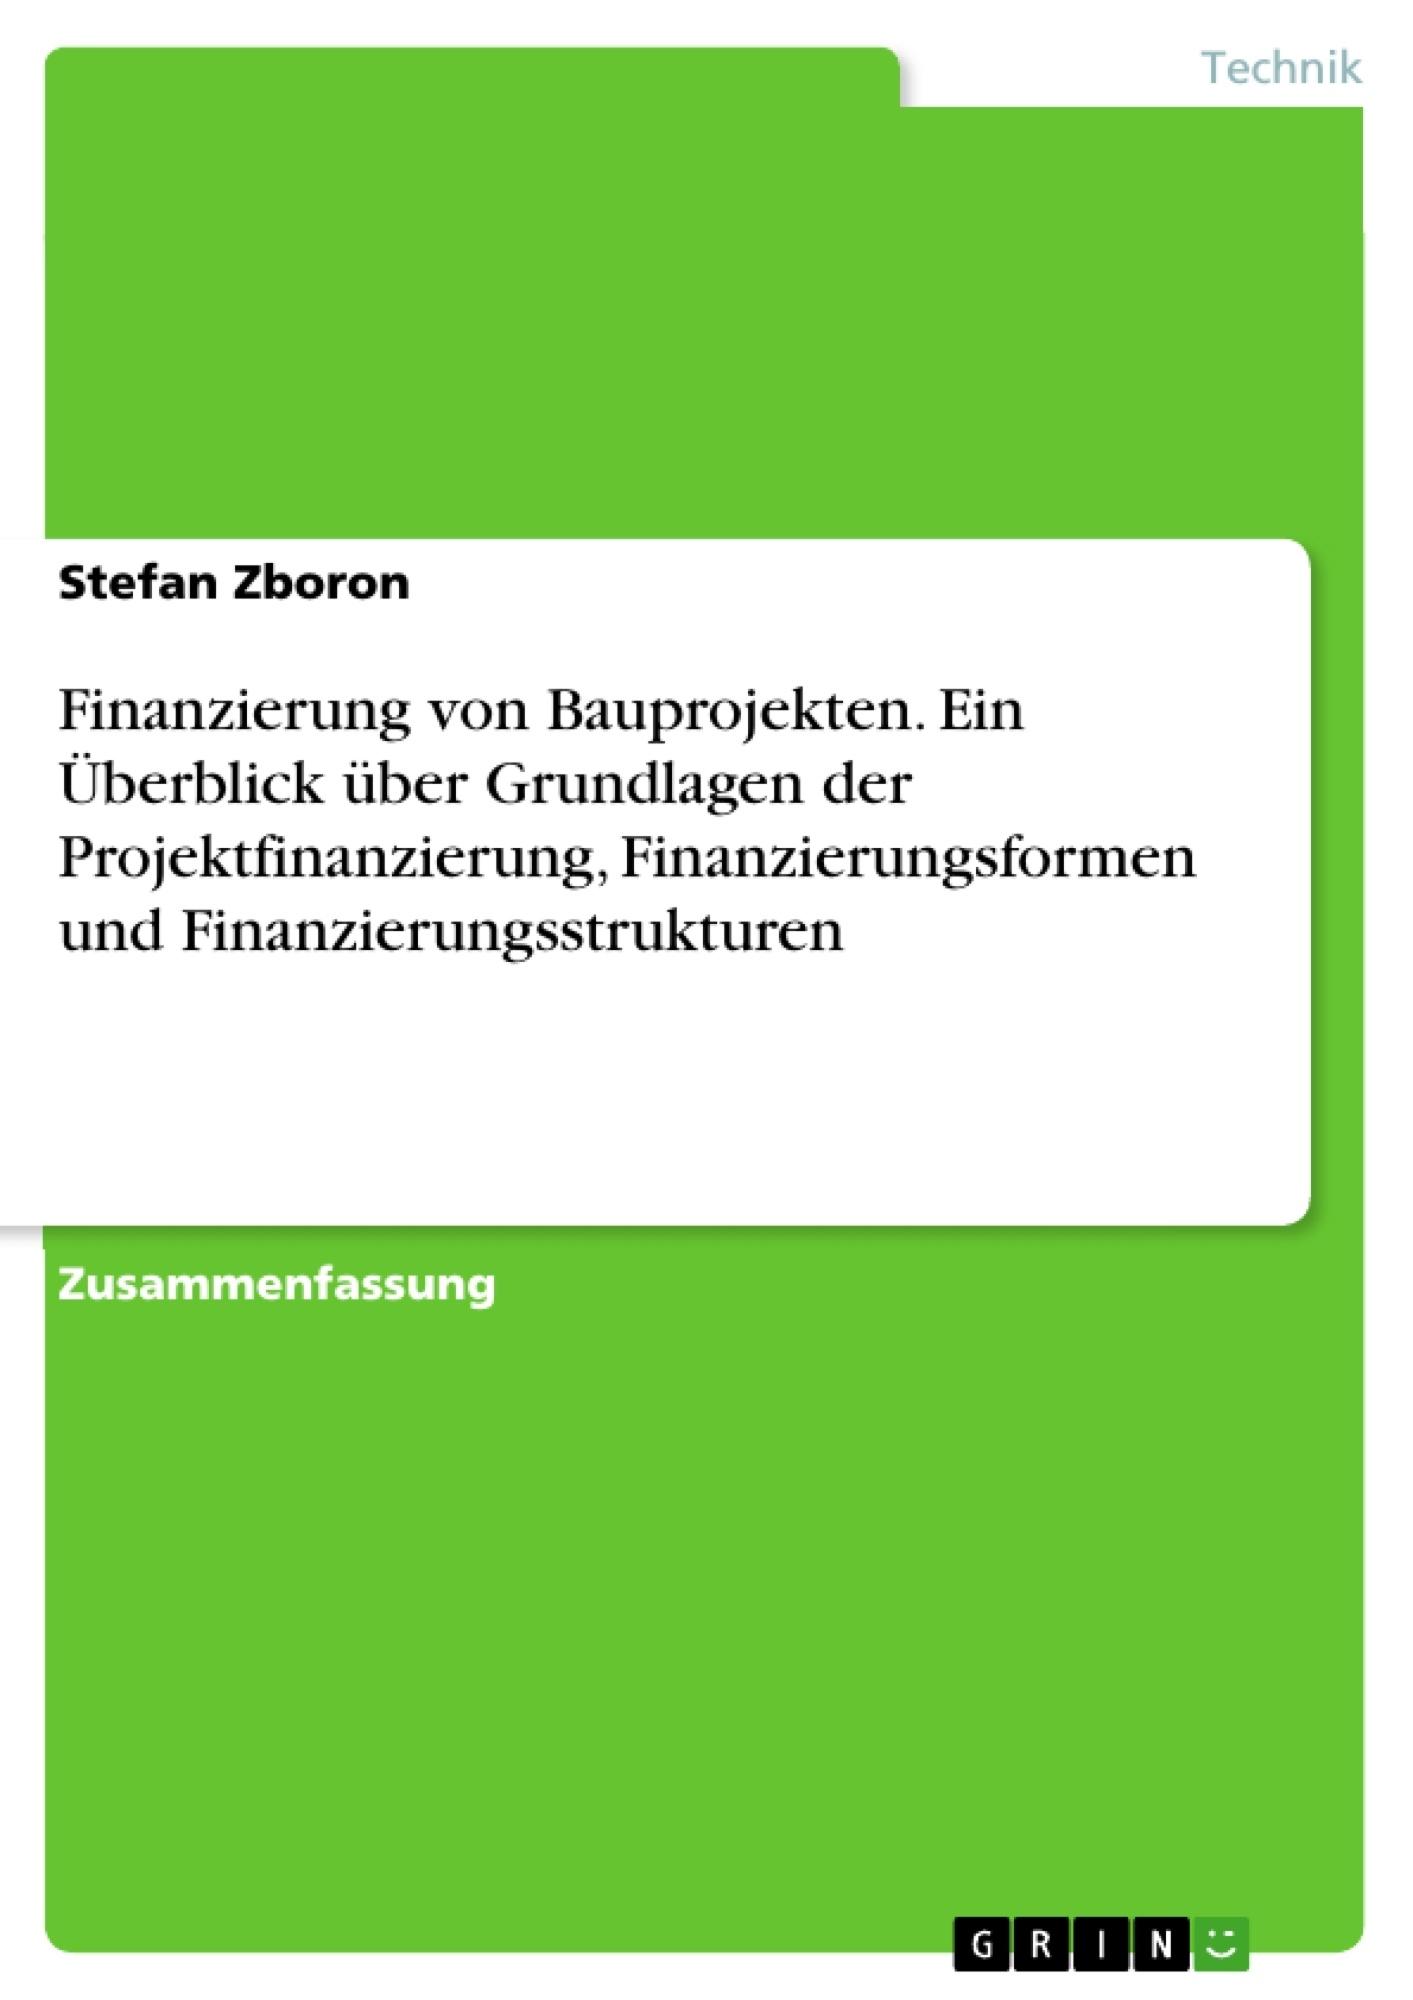 Titel: Finanzierung von Bauprojekten. Ein Überblick über Grundlagen der Projektfinanzierung, Finanzierungsformen und Finanzierungsstrukturen